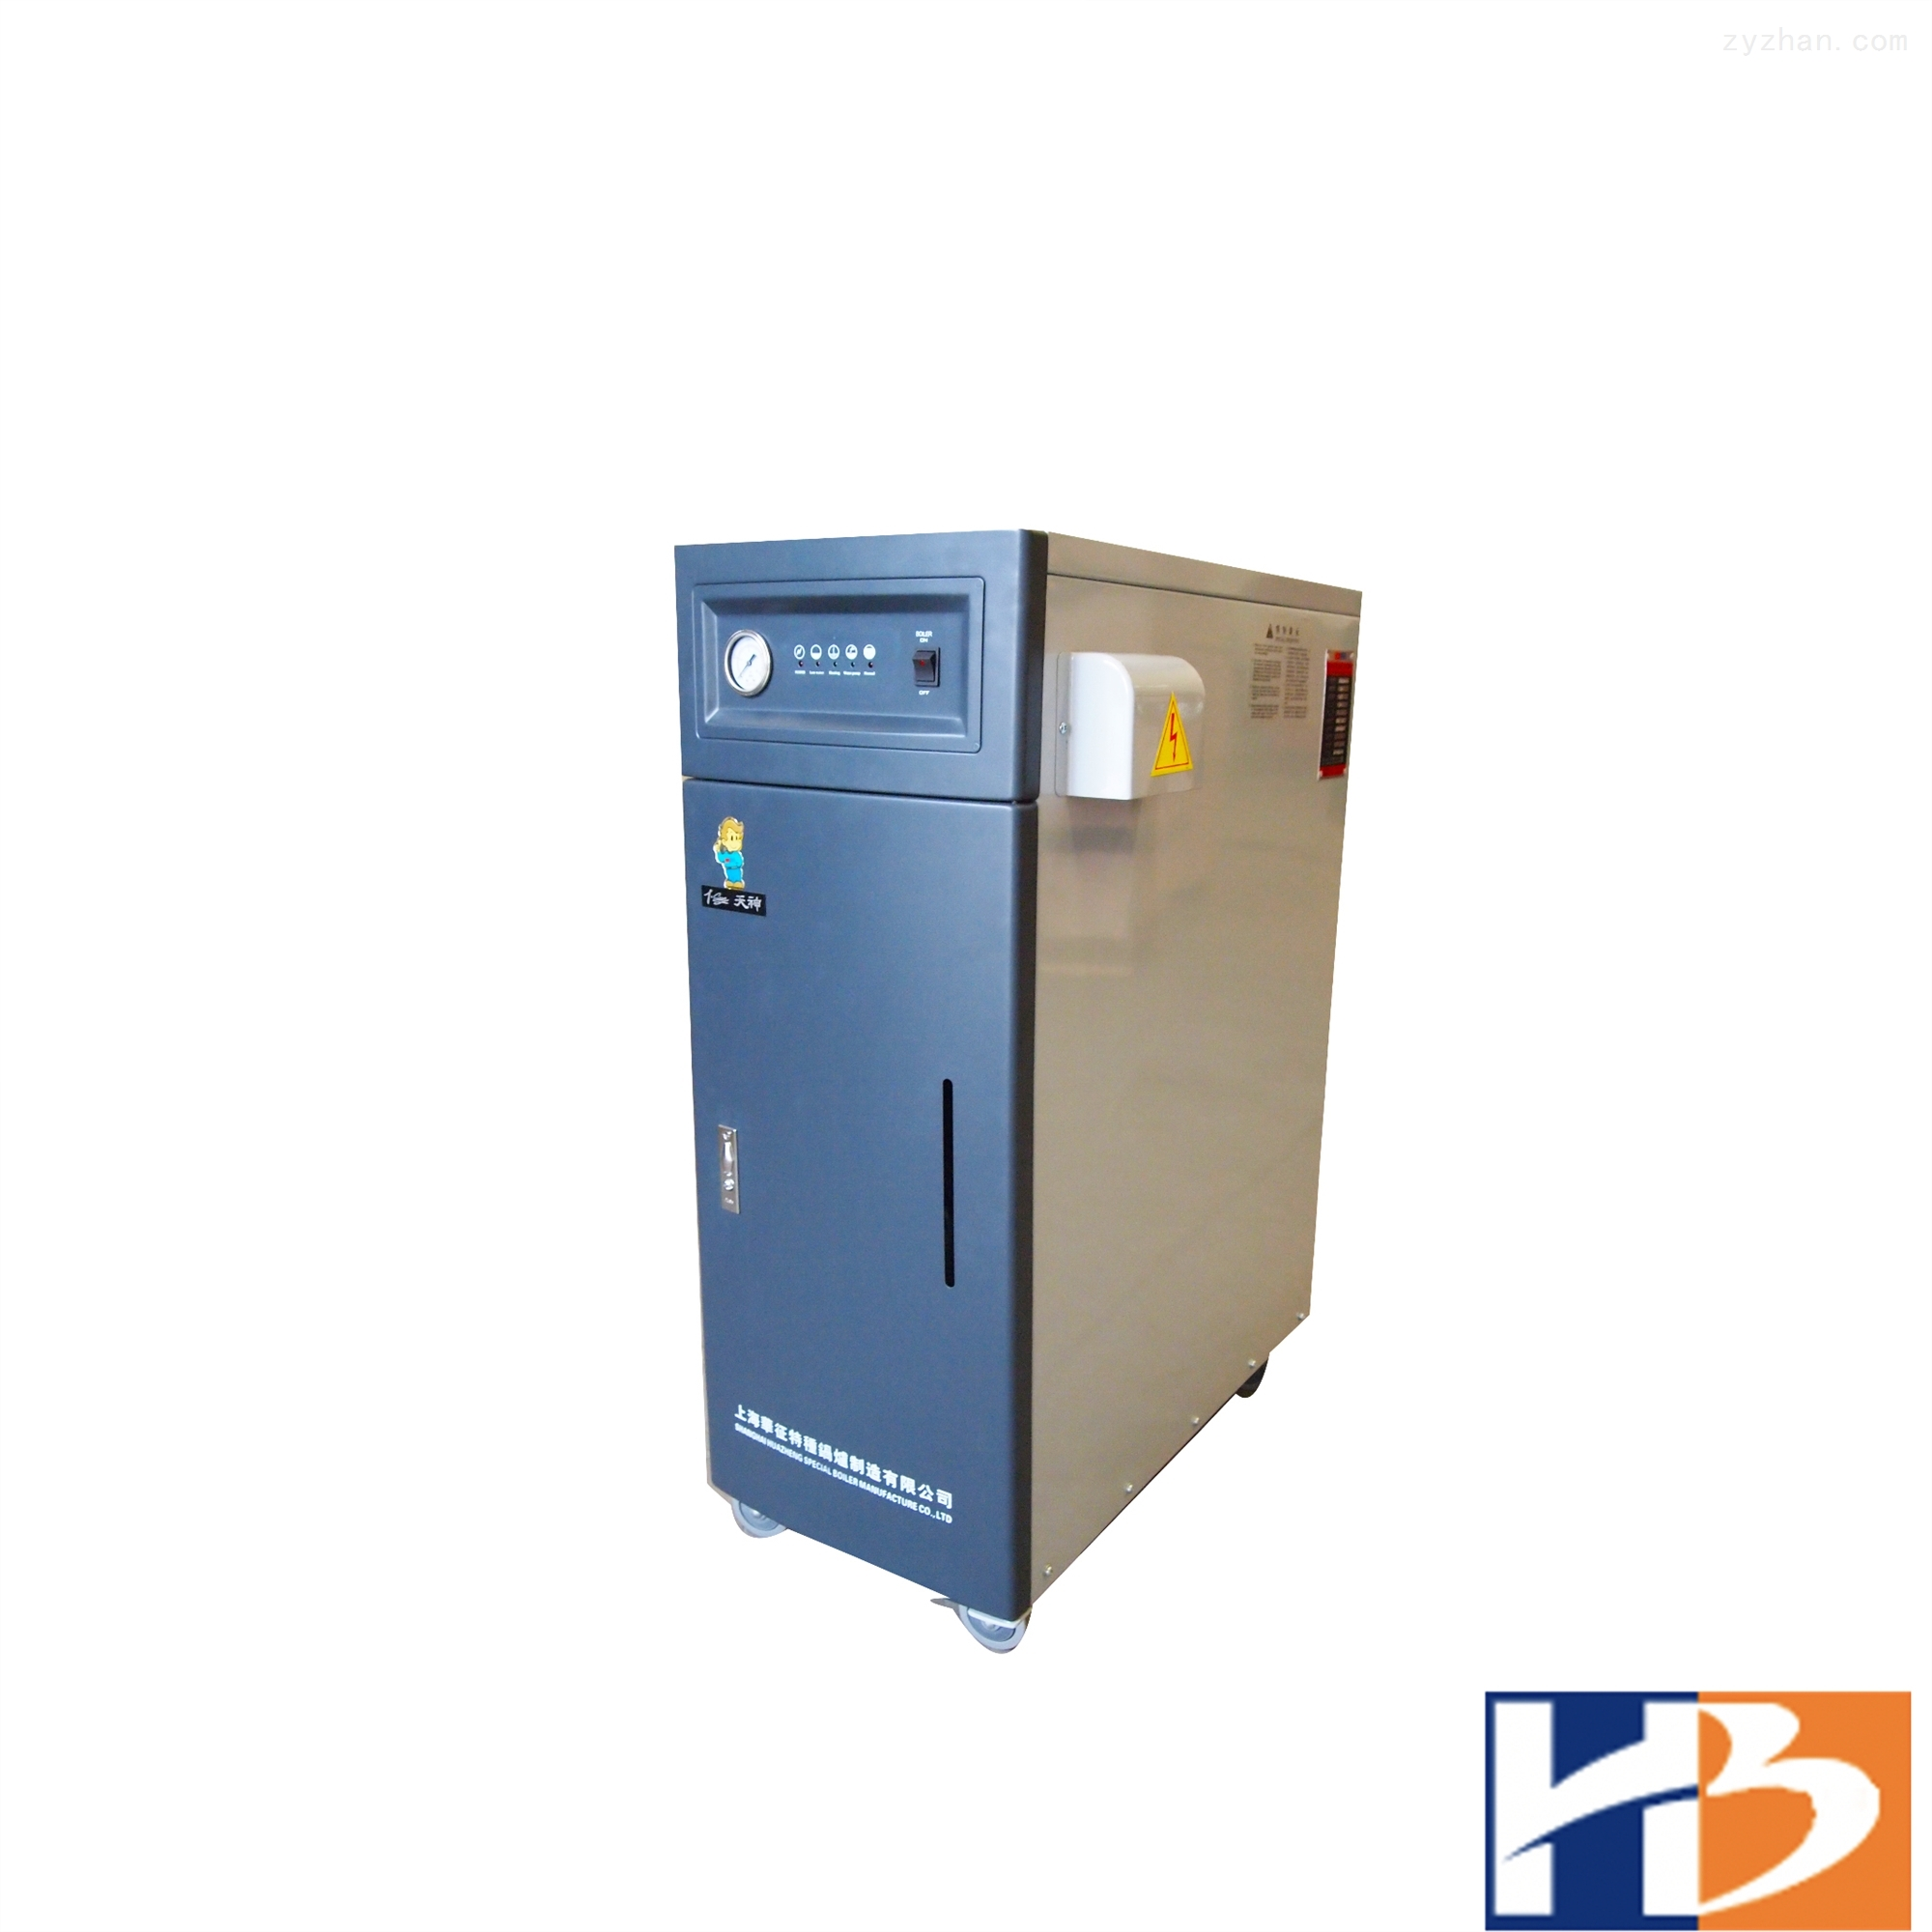 供应全自动电热水锅炉、电蒸汽锅炉 HX-18D-0.7